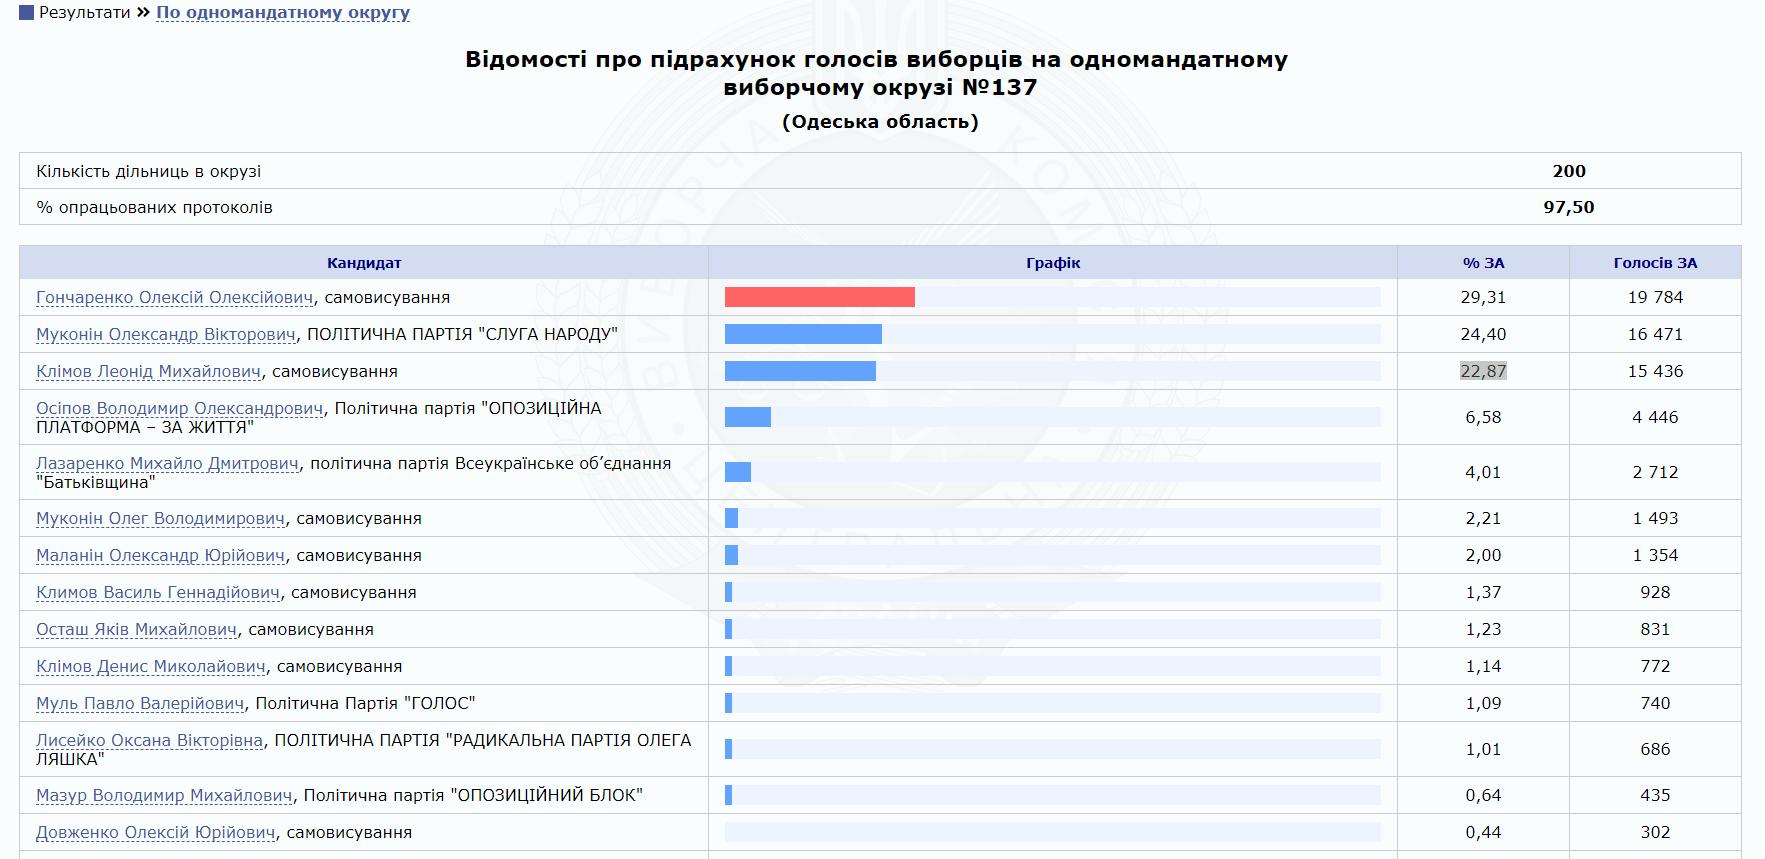 Результаты голосования на 137 избирательном округе